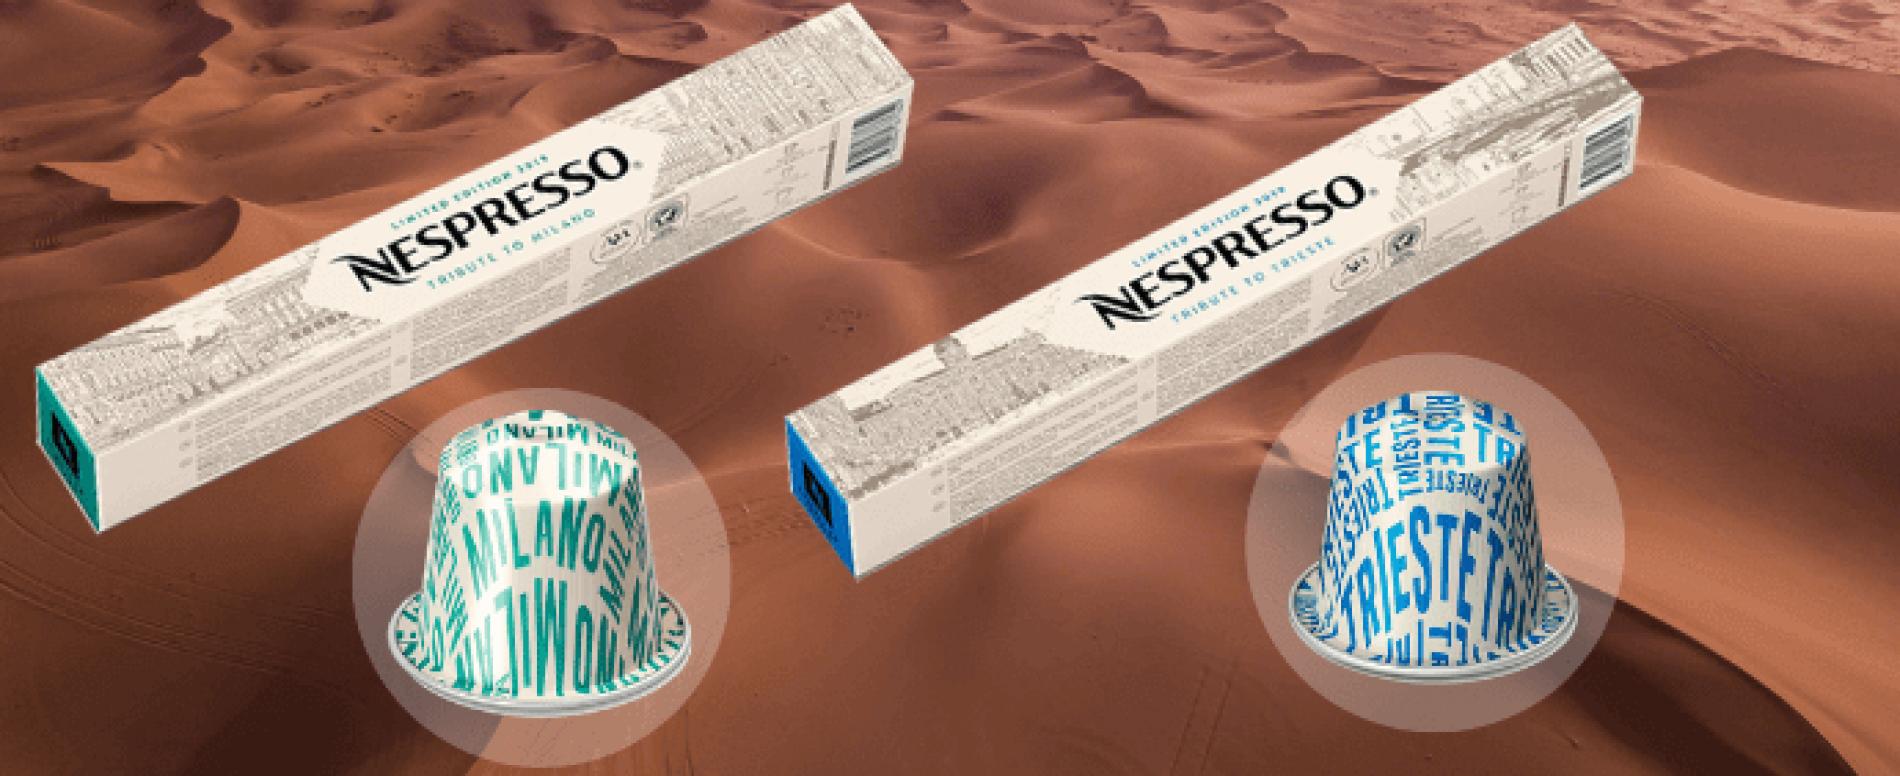 Nespresso ripropone la limited edition diTributo a Trieste e Tributo a Milano